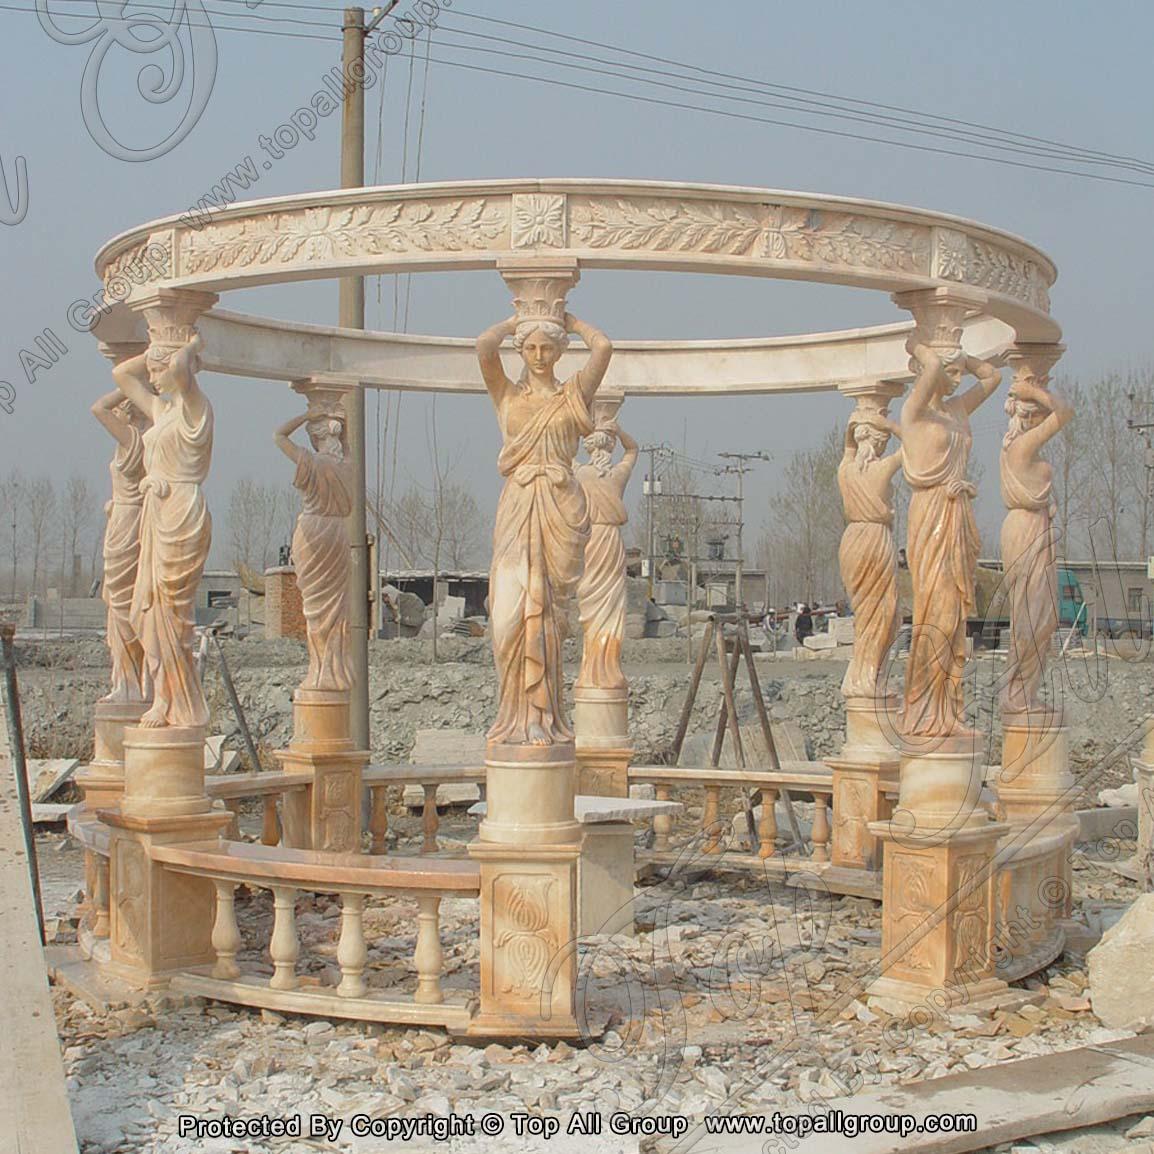 Gazebo with Statue